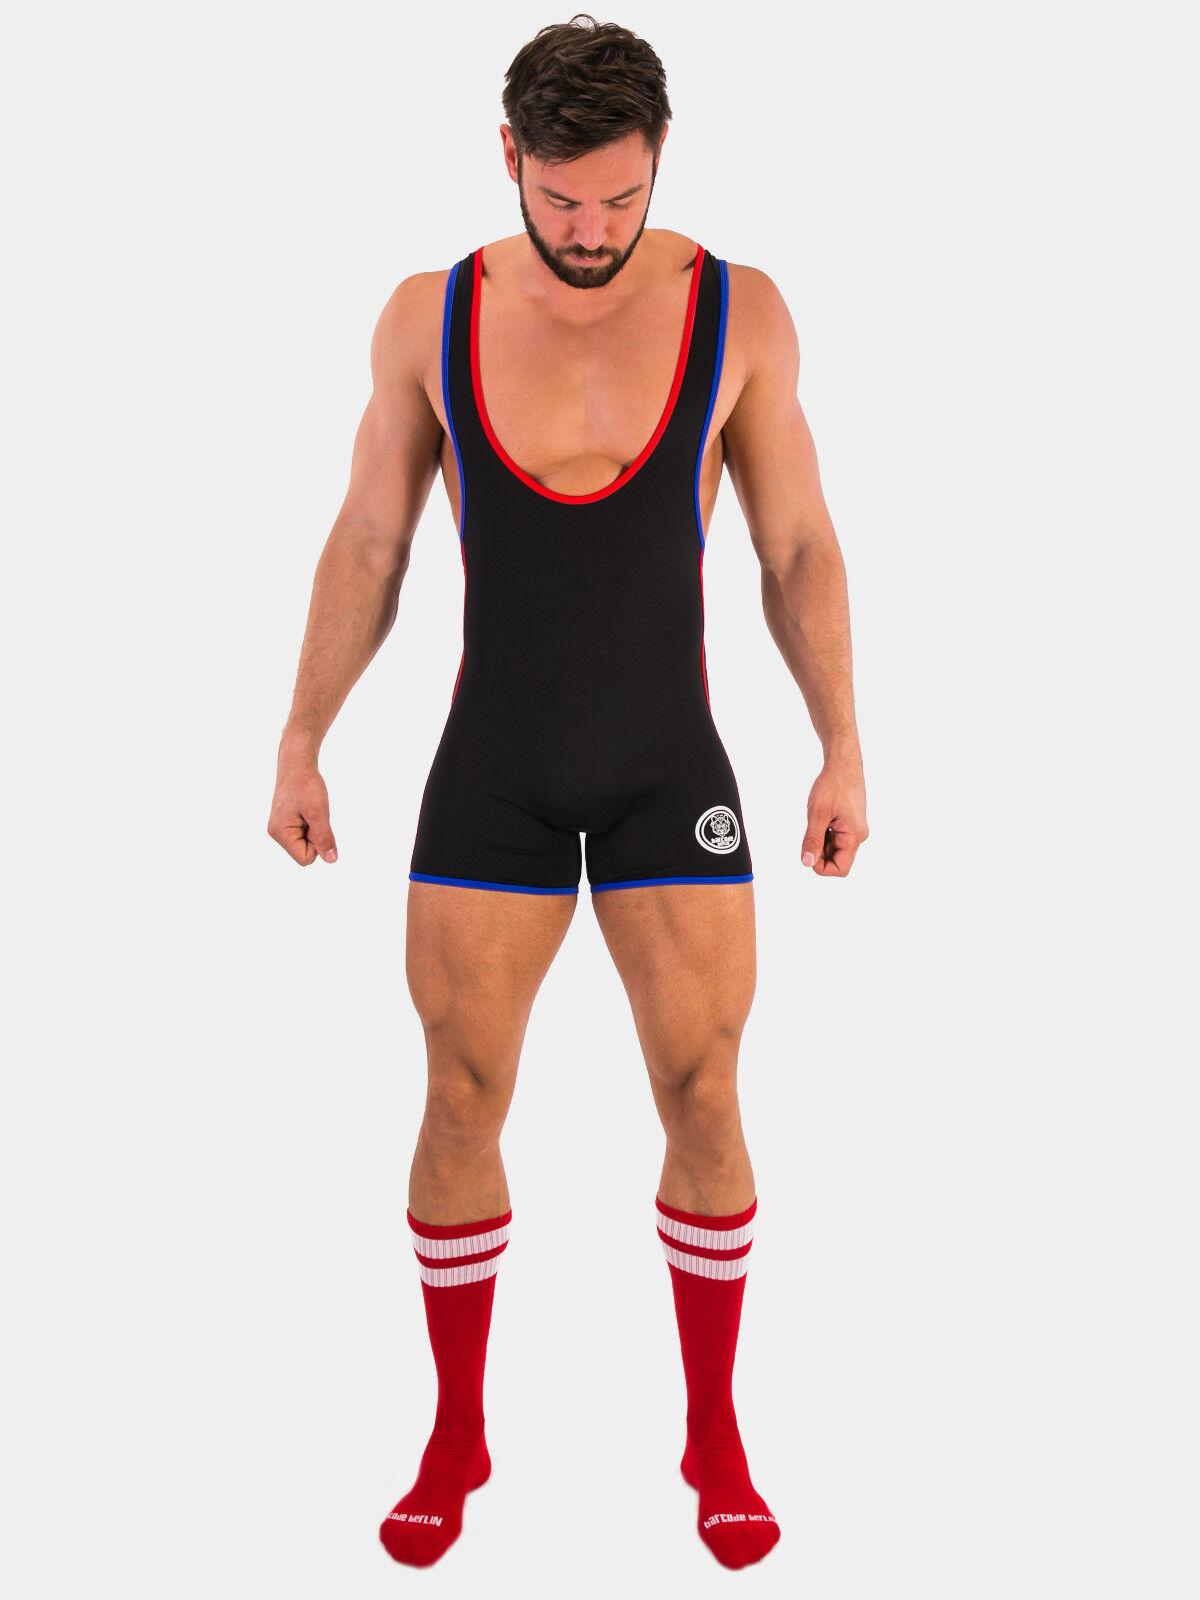 Barcode Berlin Singlet Allan, schwarz rot blau, blau, blau, 91580 160, gay, sexy, BRANDNEU      Economy  12da5d